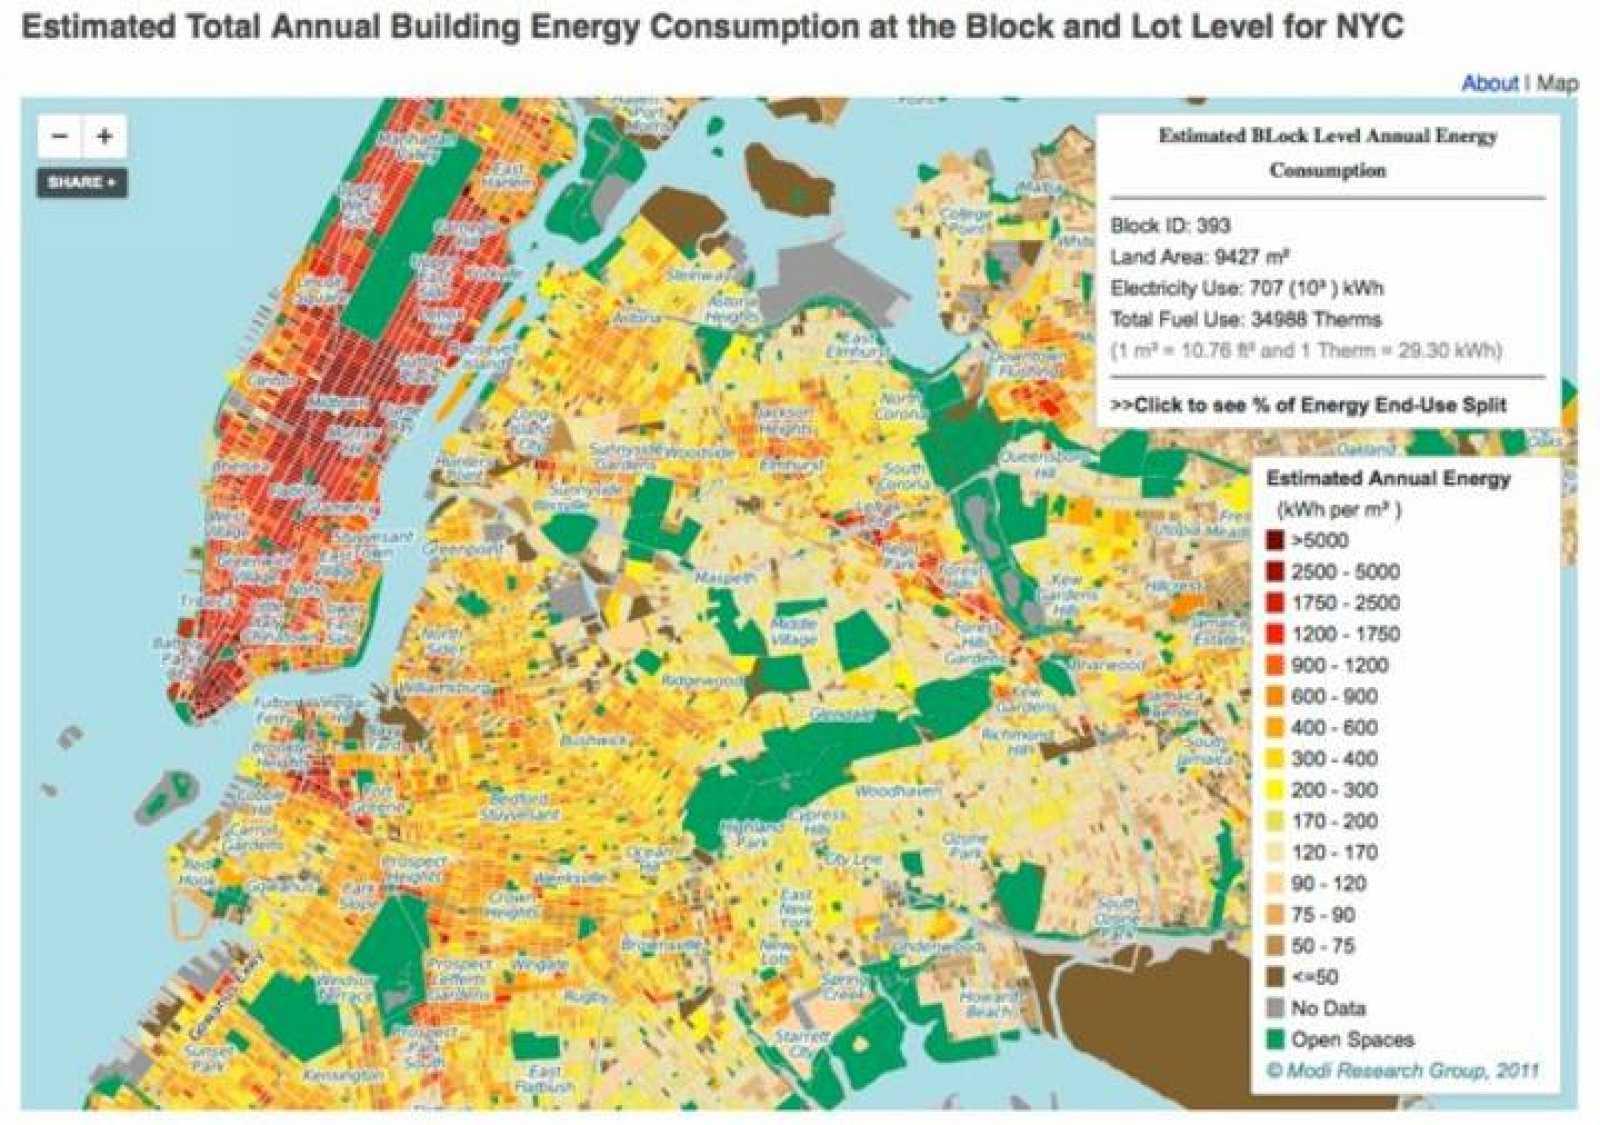 La ciudad de Nueva York, con sus grandes barrios, fue la elegida para la creación del mapa interactivo.